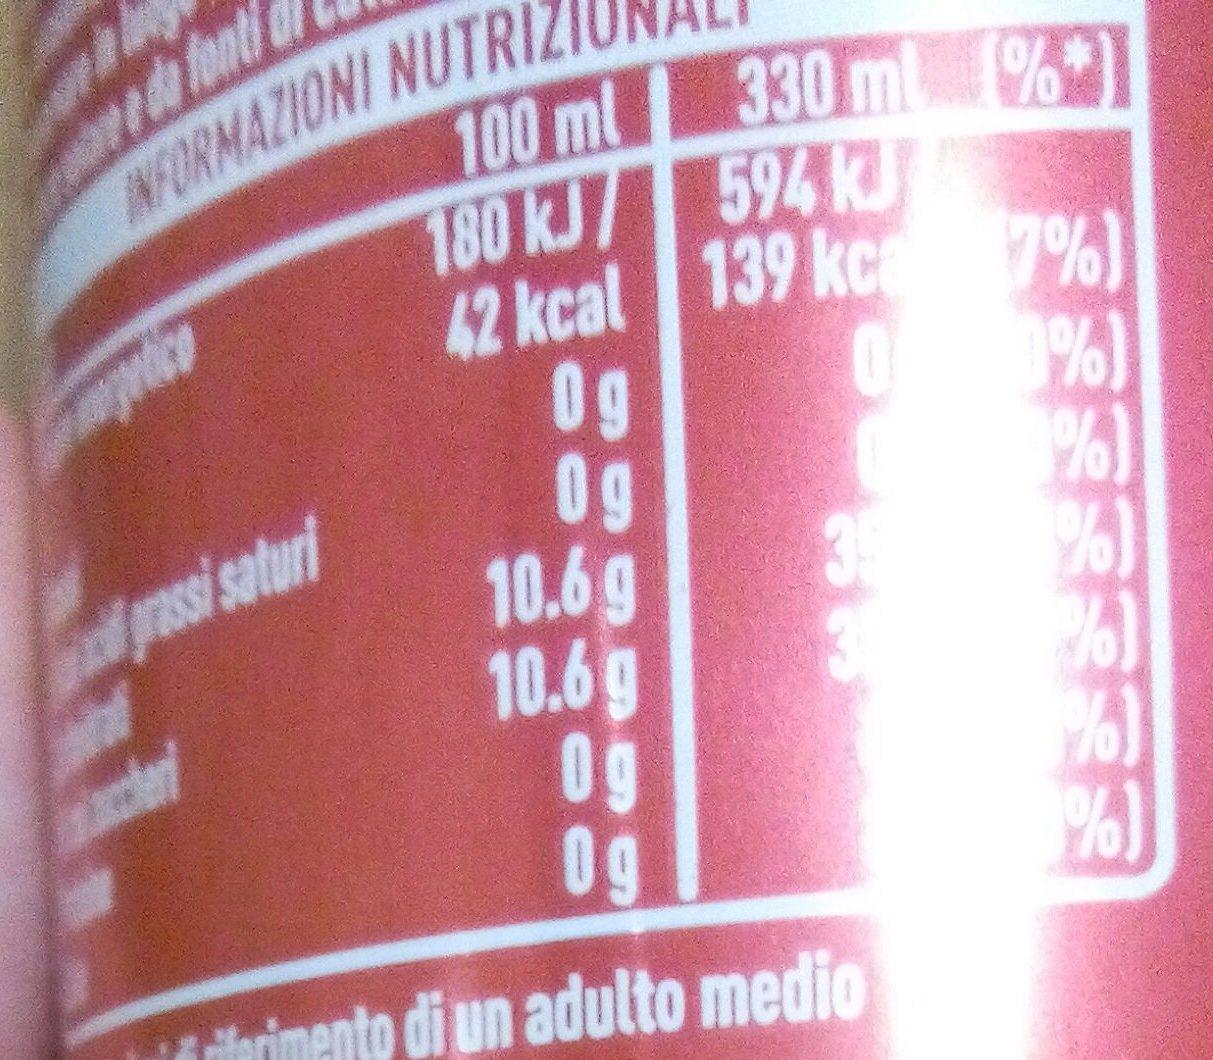 Coca Cola - Informazioni nutrizionali